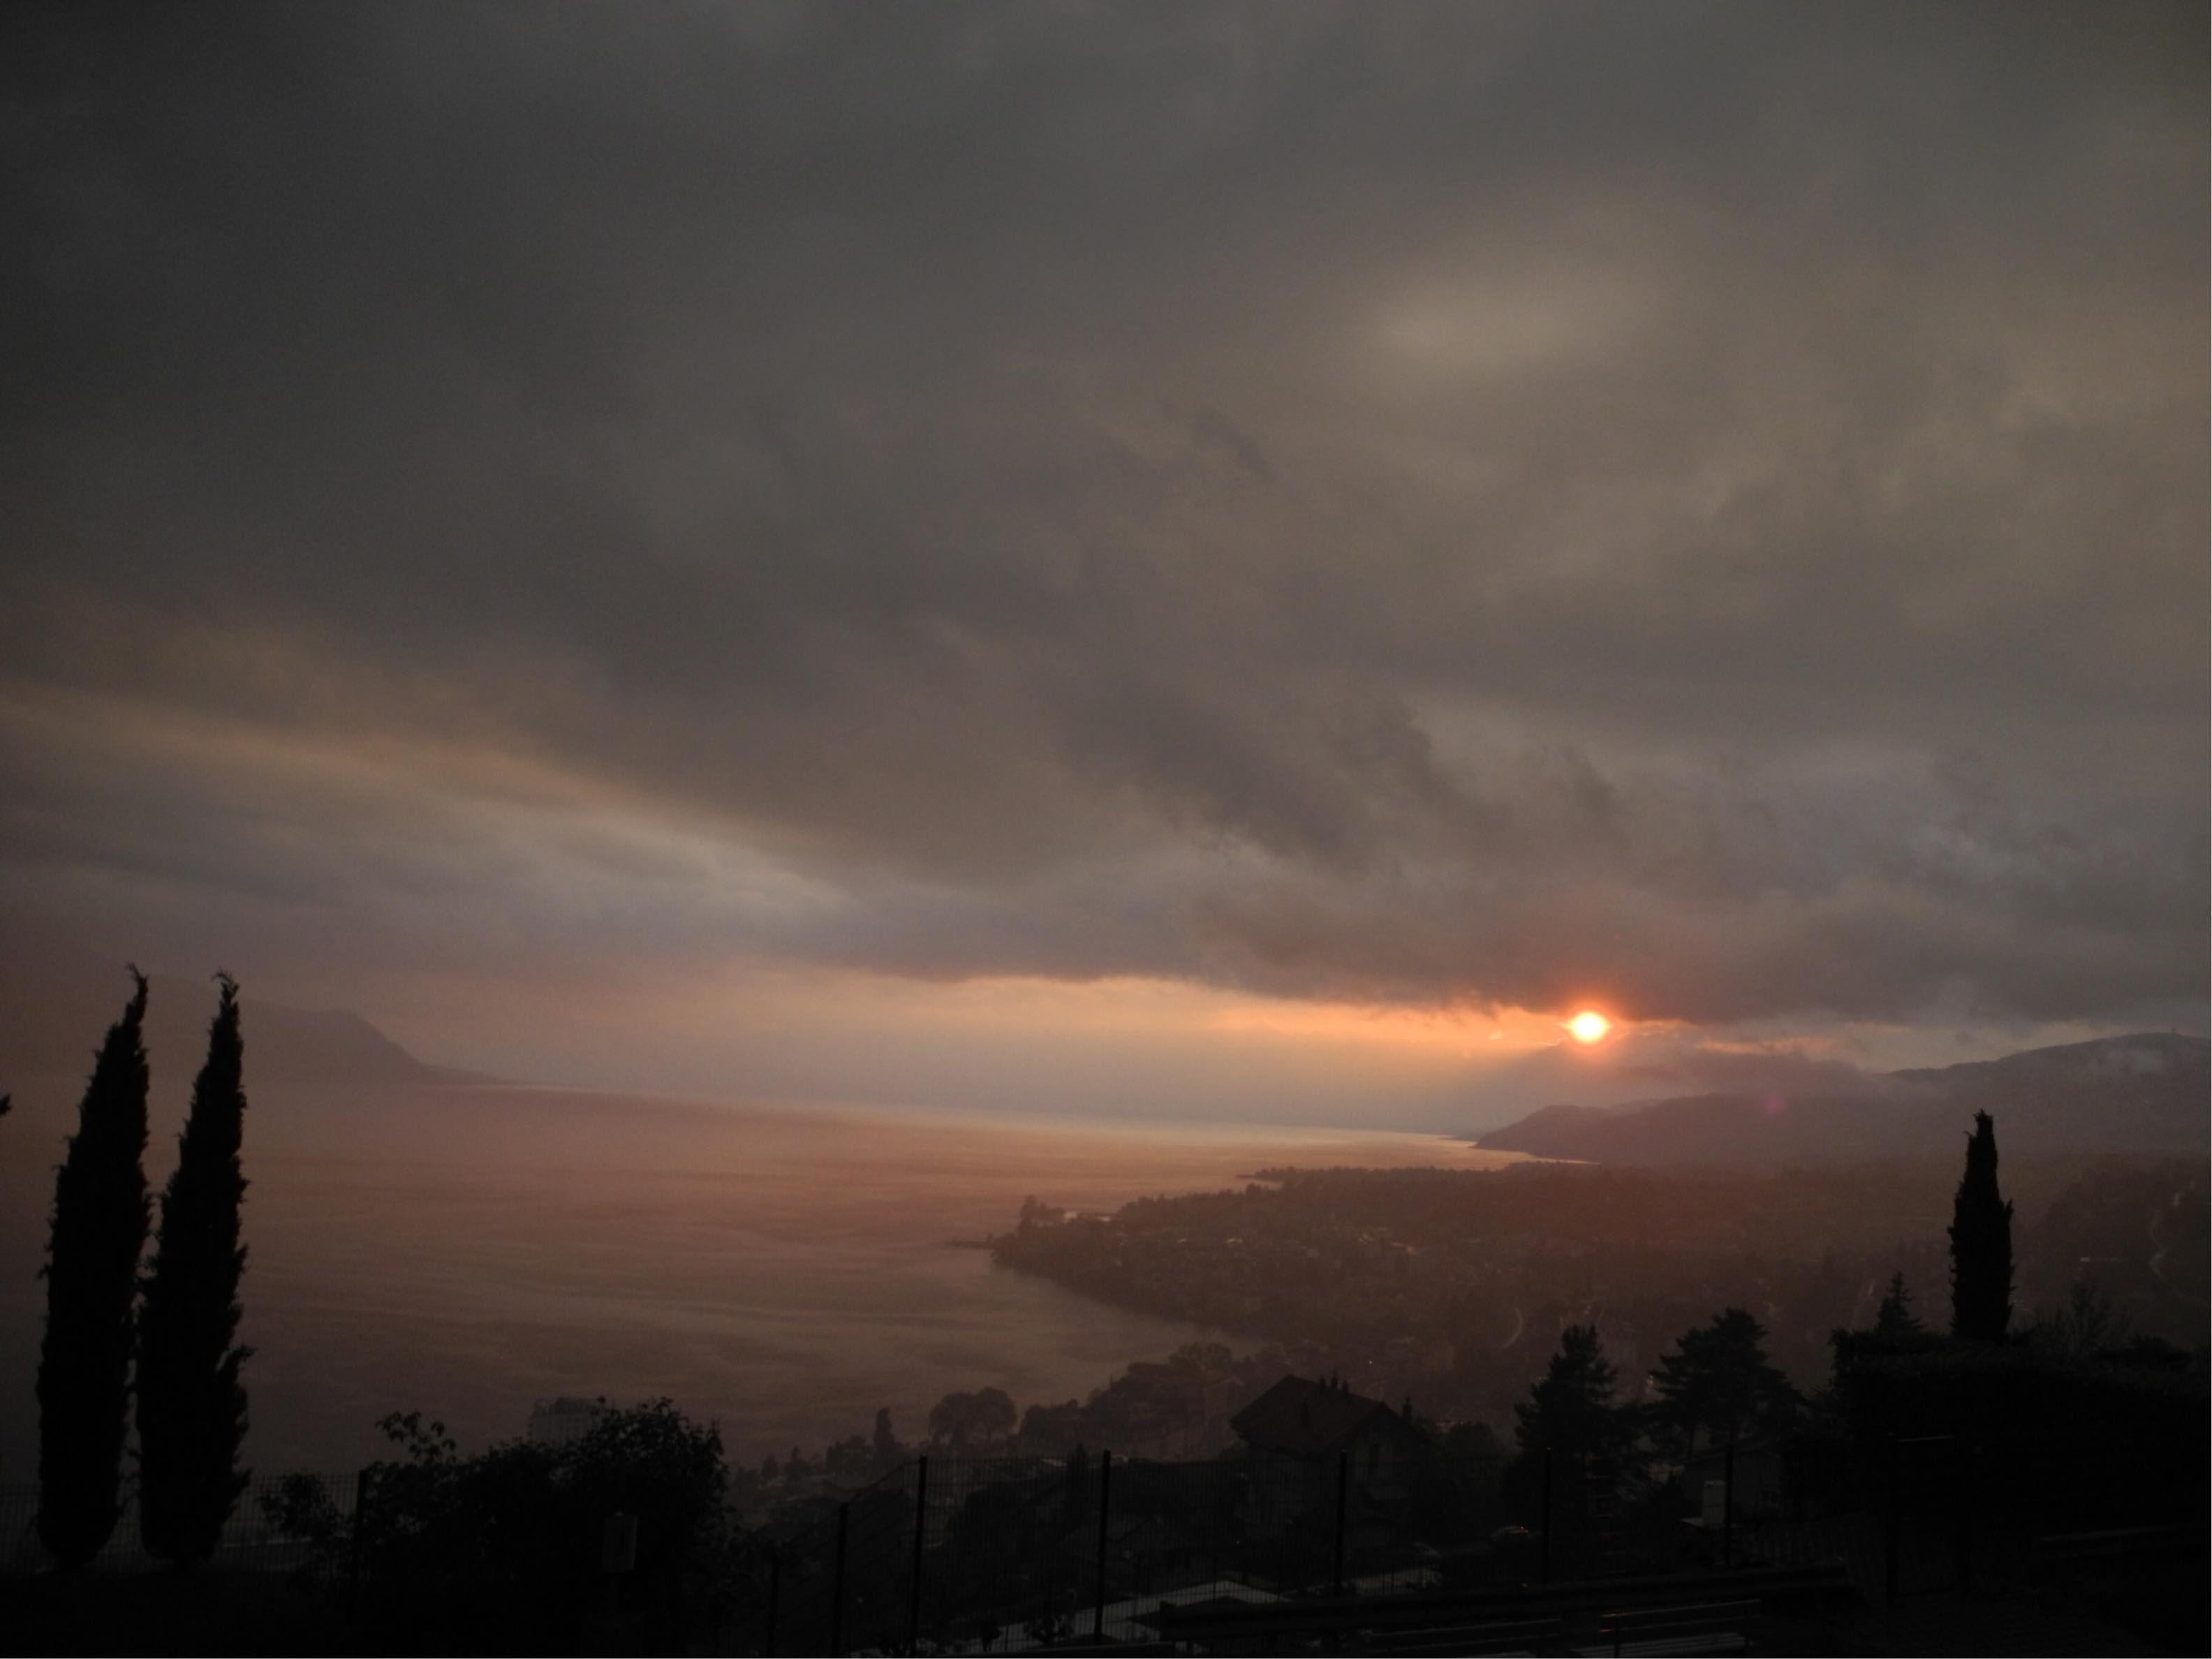 Klettersteig Jura : Meinreisen klettersteige im französischen jura